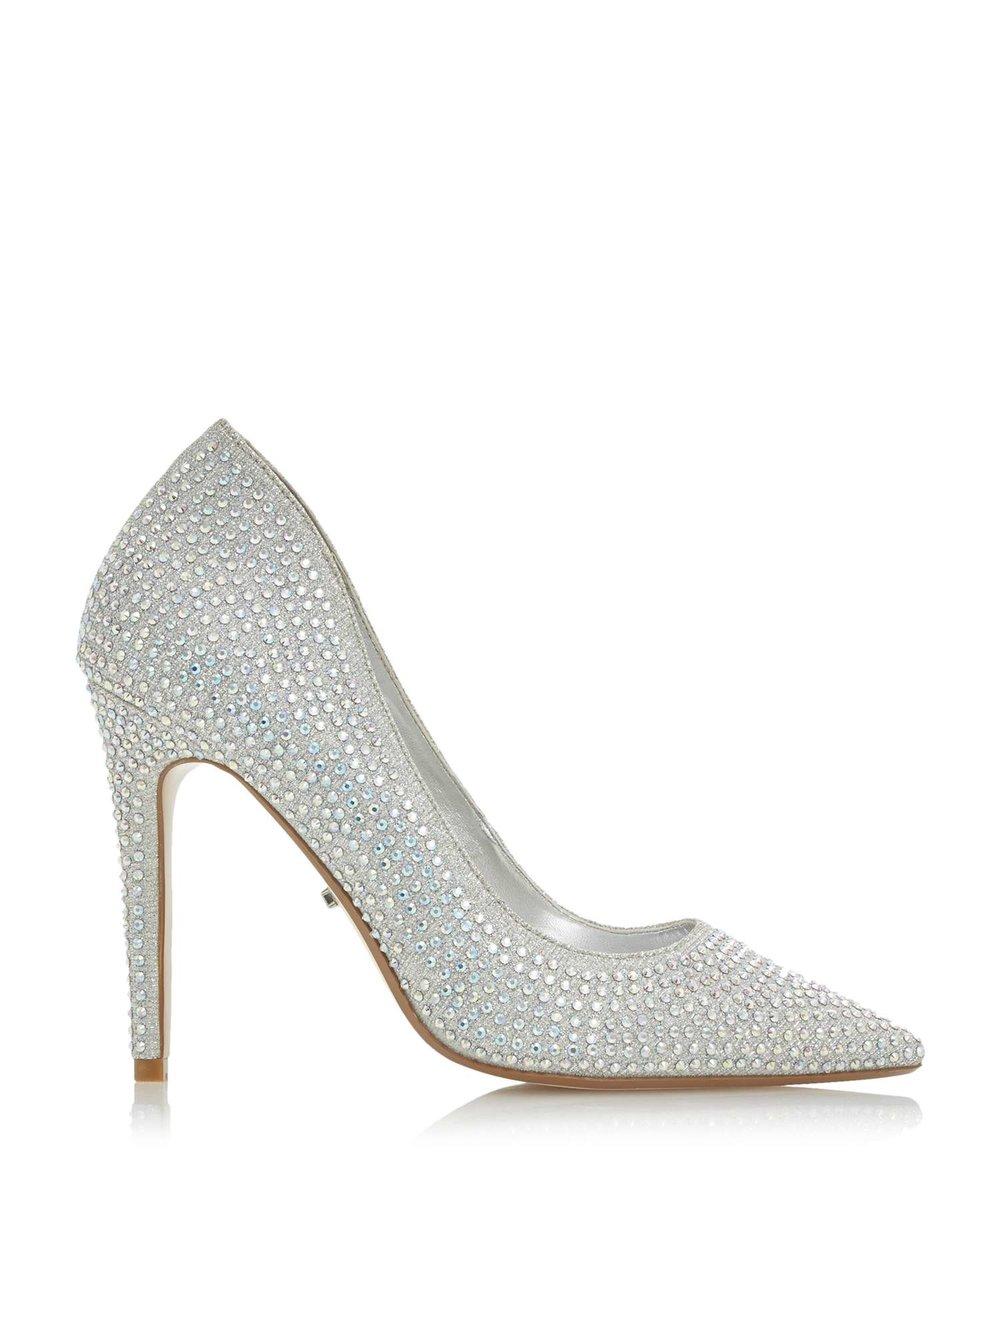 HOF Silver heels.jpg